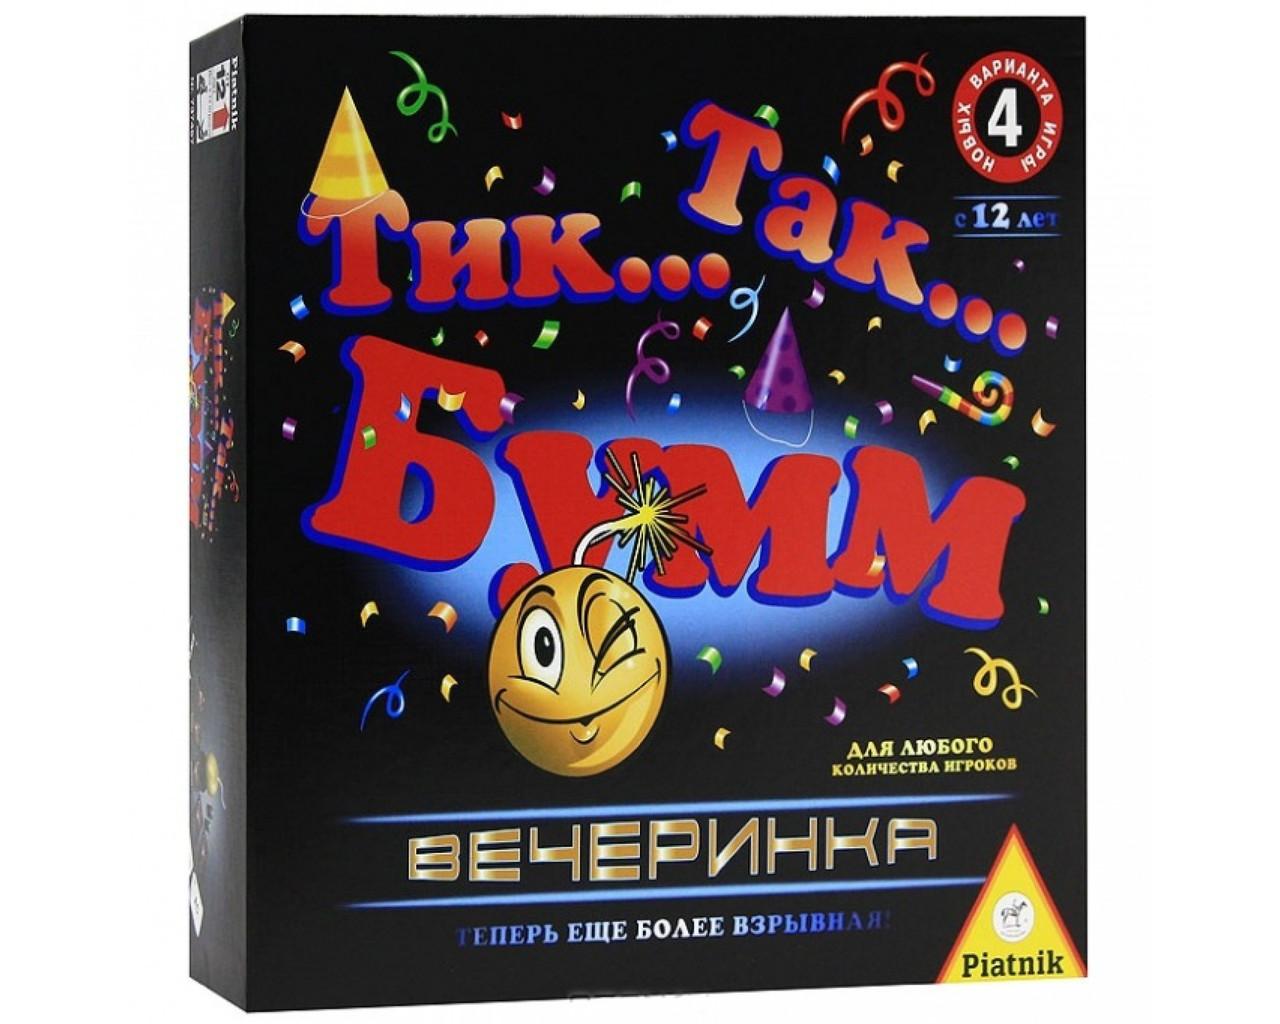 Настольная игра: Тик Так Бумм (Вечеринка)